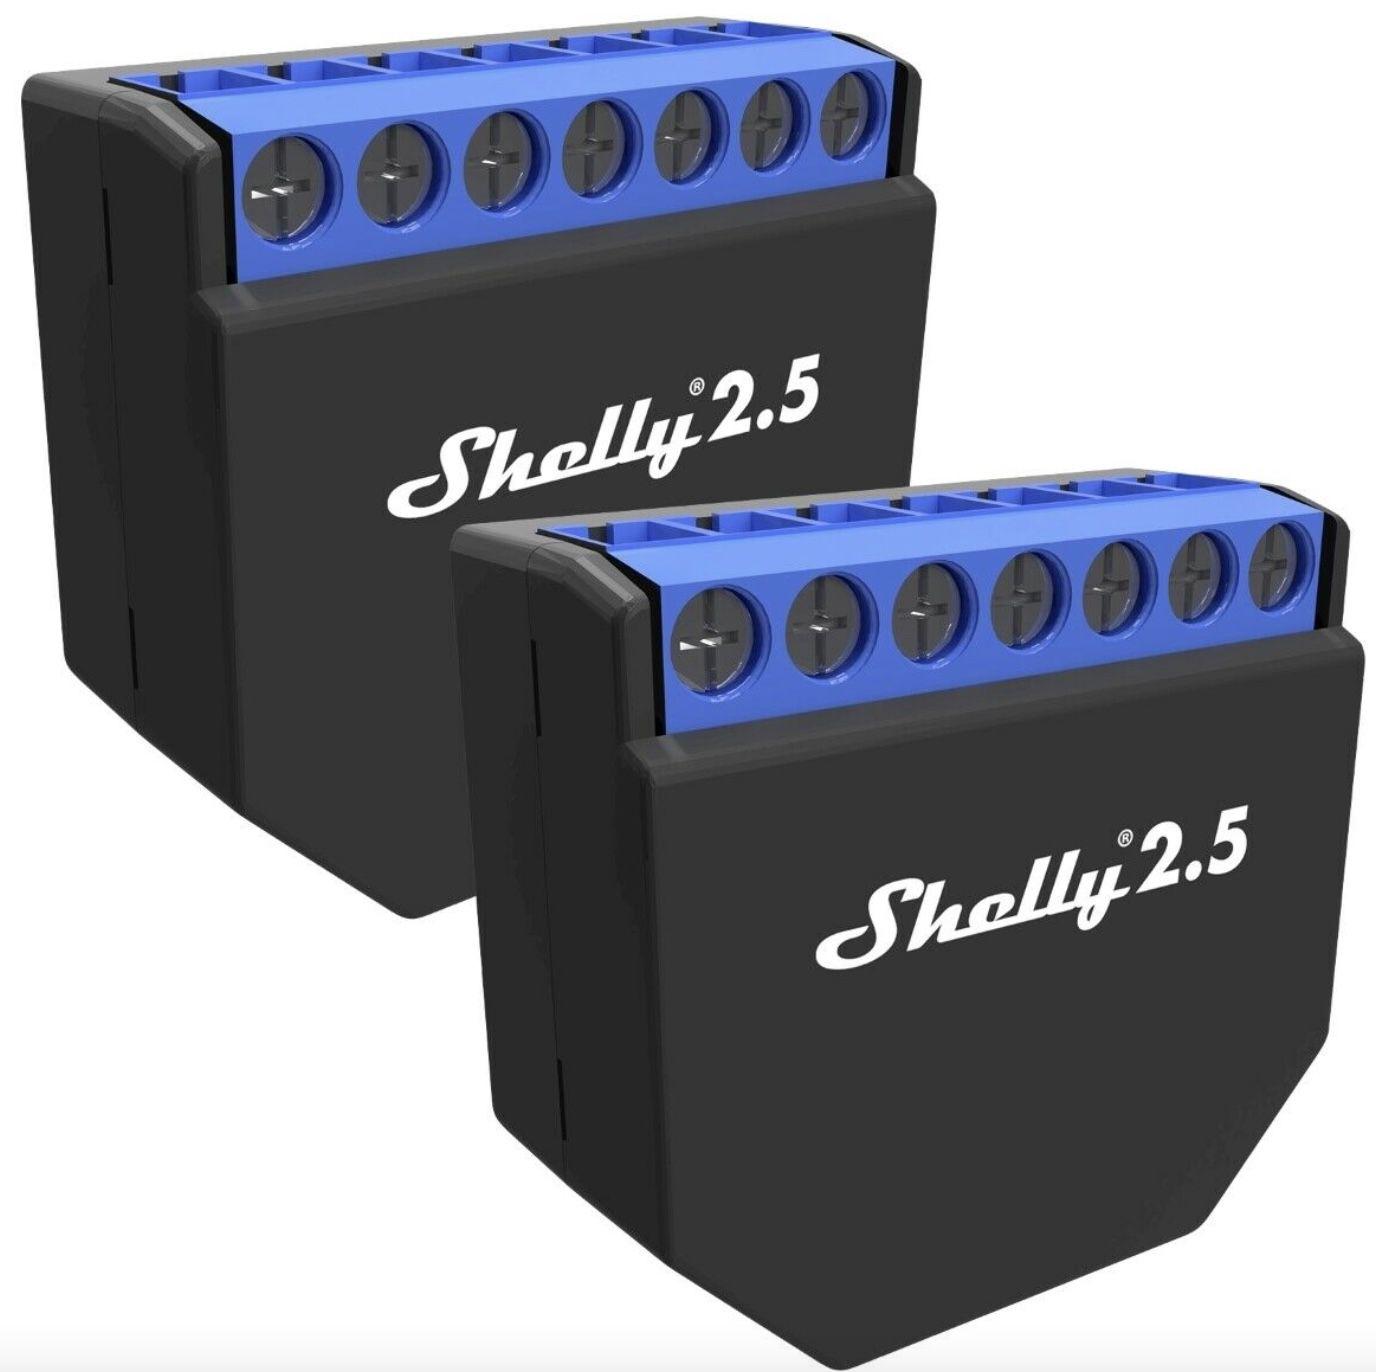 2er-Set Shelly 2.5 WiFi-Switch mit Messfunktion für 34,99€ (statt 43€)